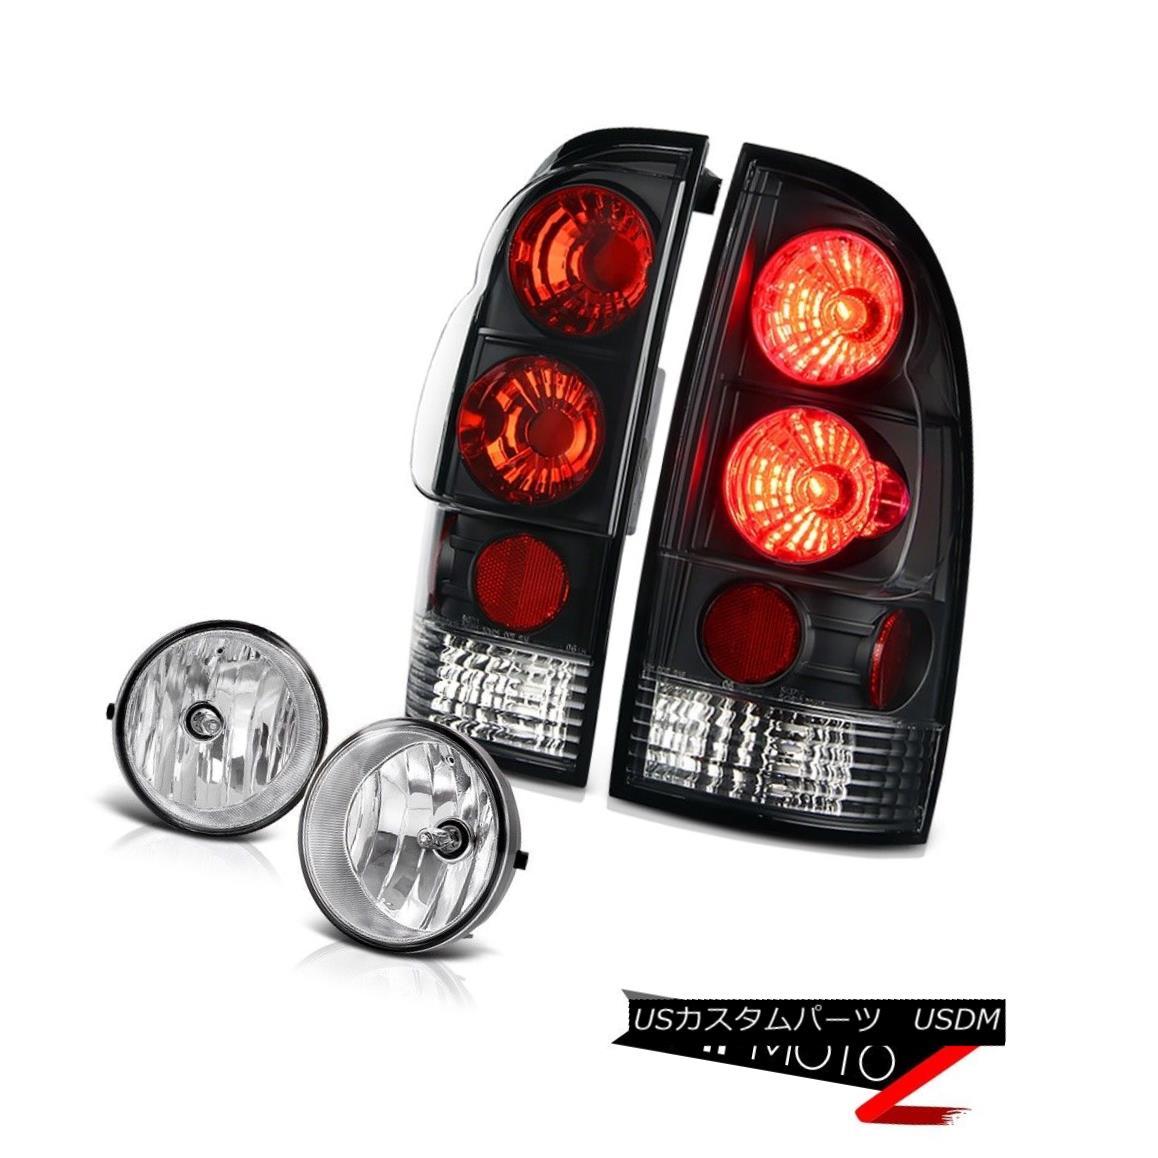 テールライト 2005-2011 Toyota Tacoma Black Red JDM Style Rear Tail Lights Clear Foglight Lamp 2005-2011トヨタタコマブラックレッドJDMスタイルリアテールライトクリアフォグライトランプ